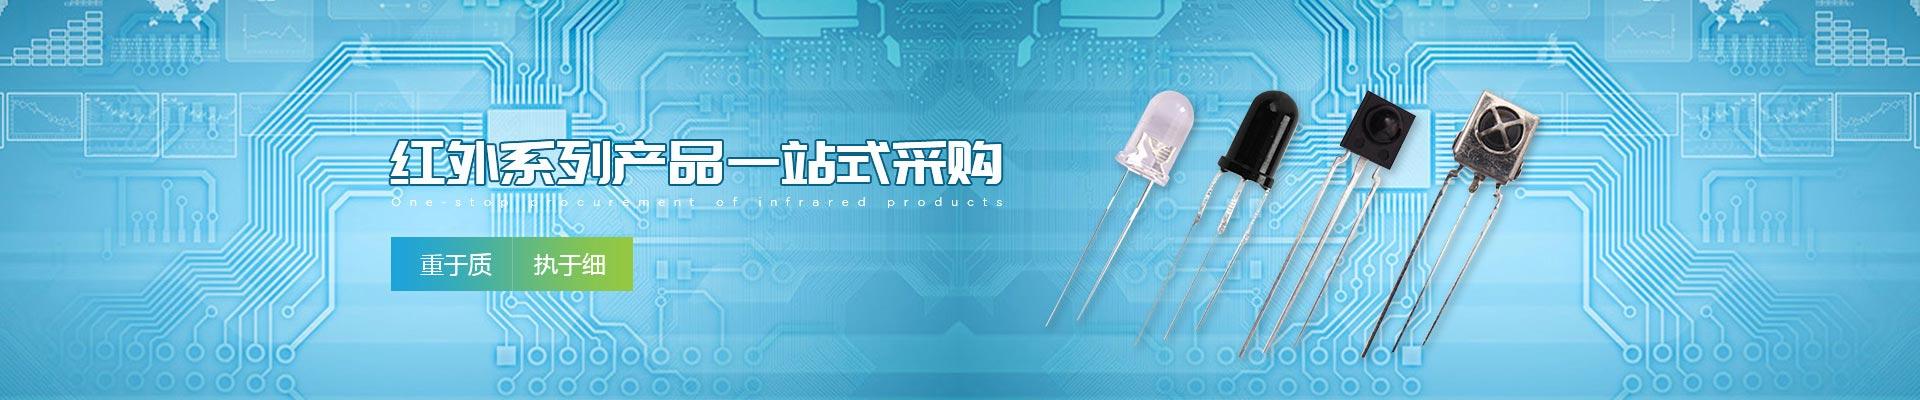 东颖光电-红外系列产品一站式采购